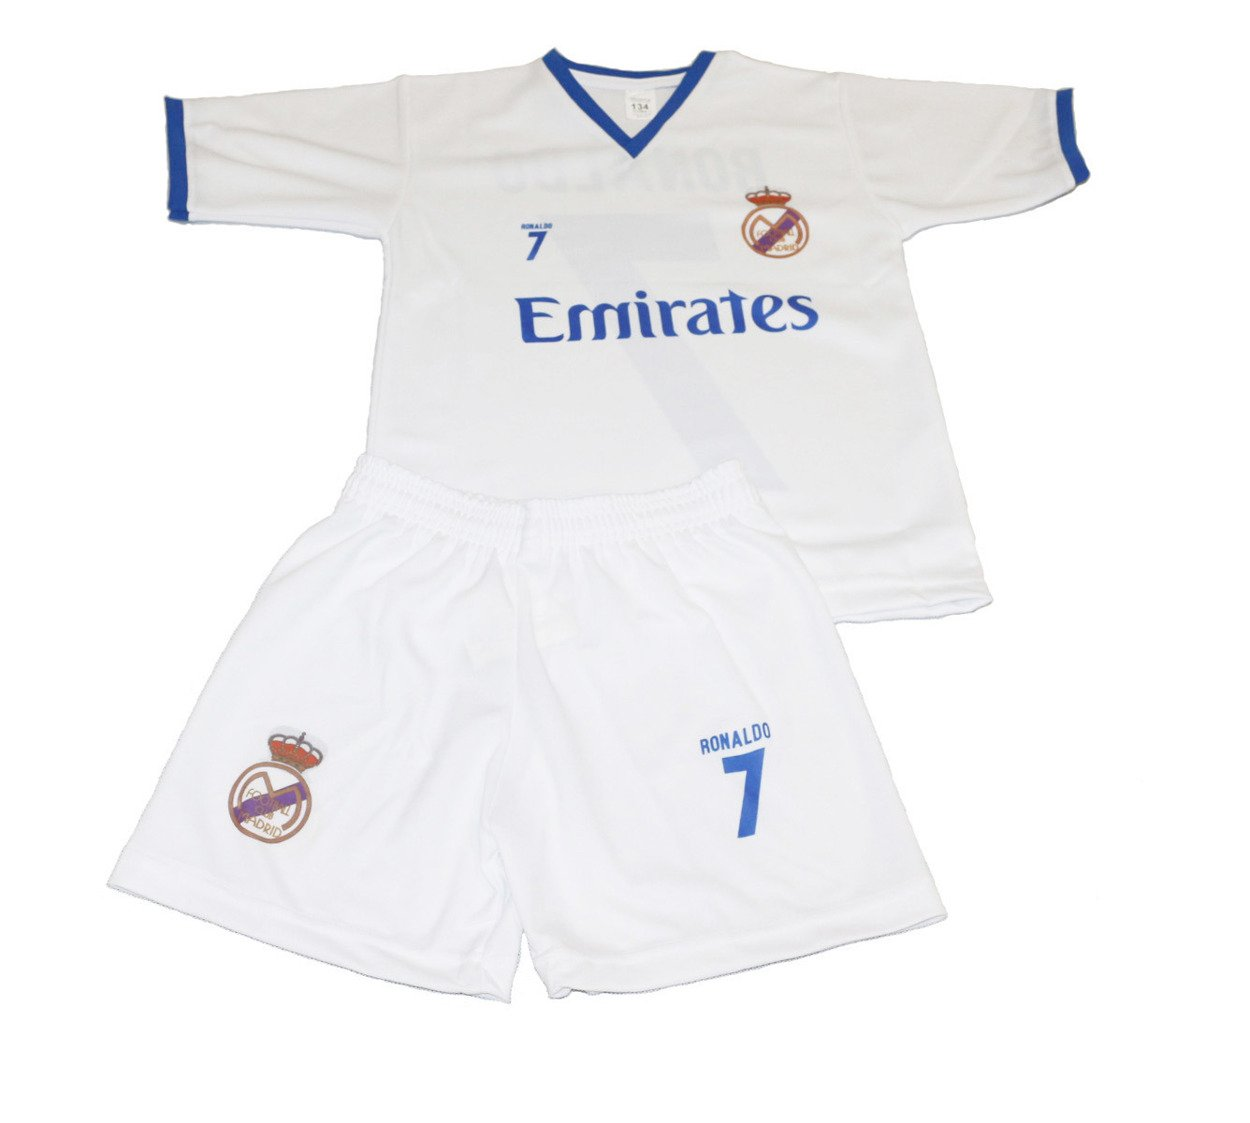 313c906c90d2aa Komplet piłkarski Reda Madrid Ronaldo 7 junior biało-niebieski ...